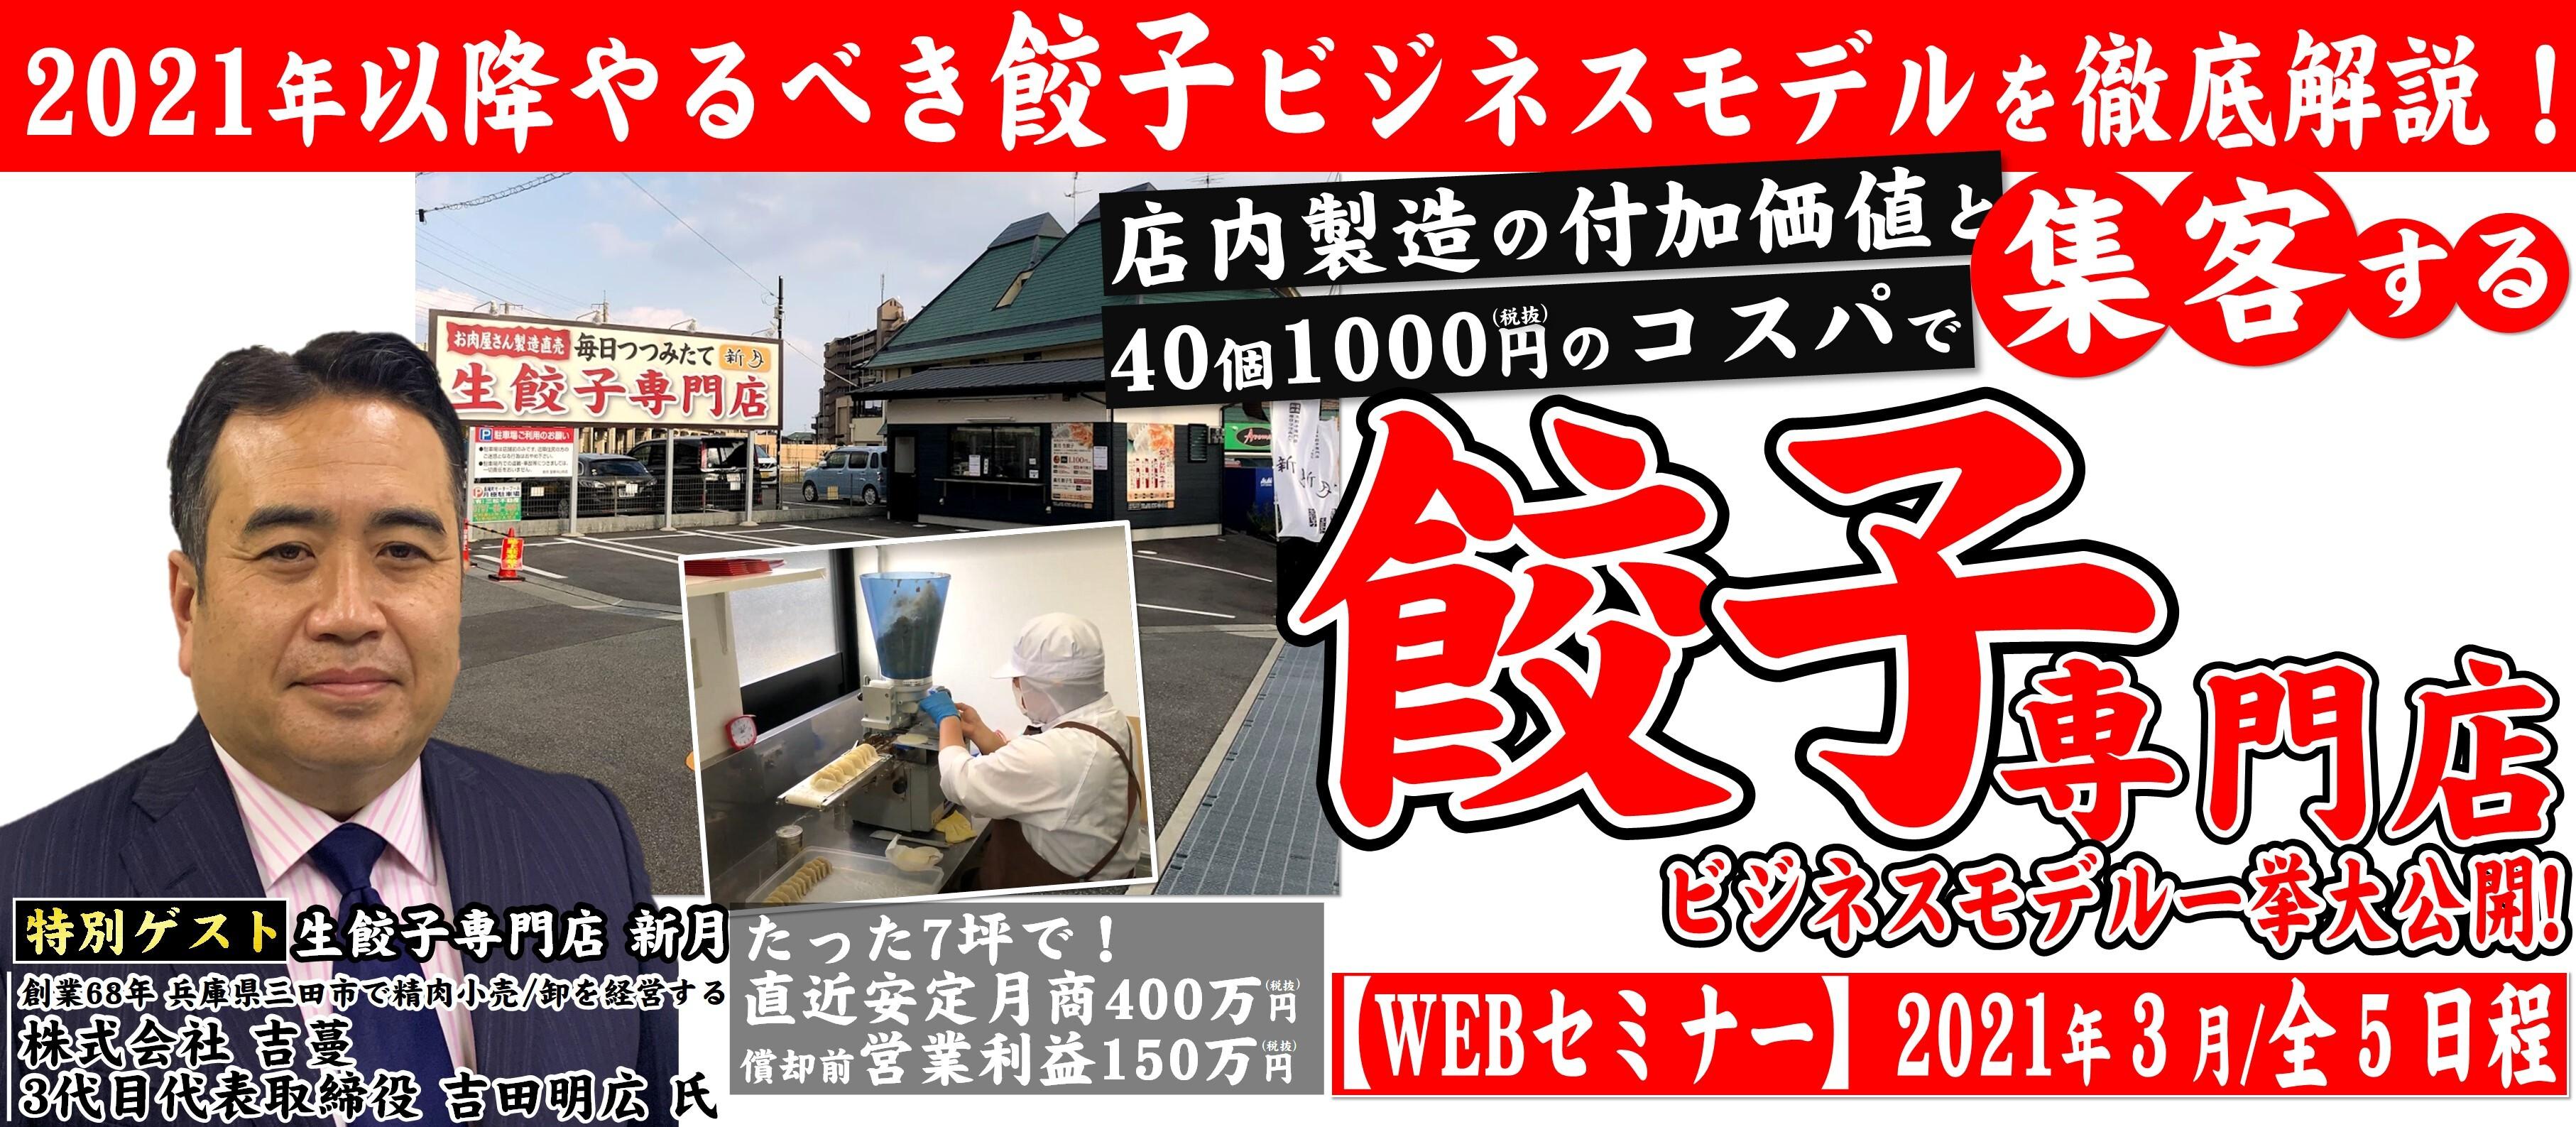 餃子が主力のビジネスモデル大公開WEBセミナー2021春